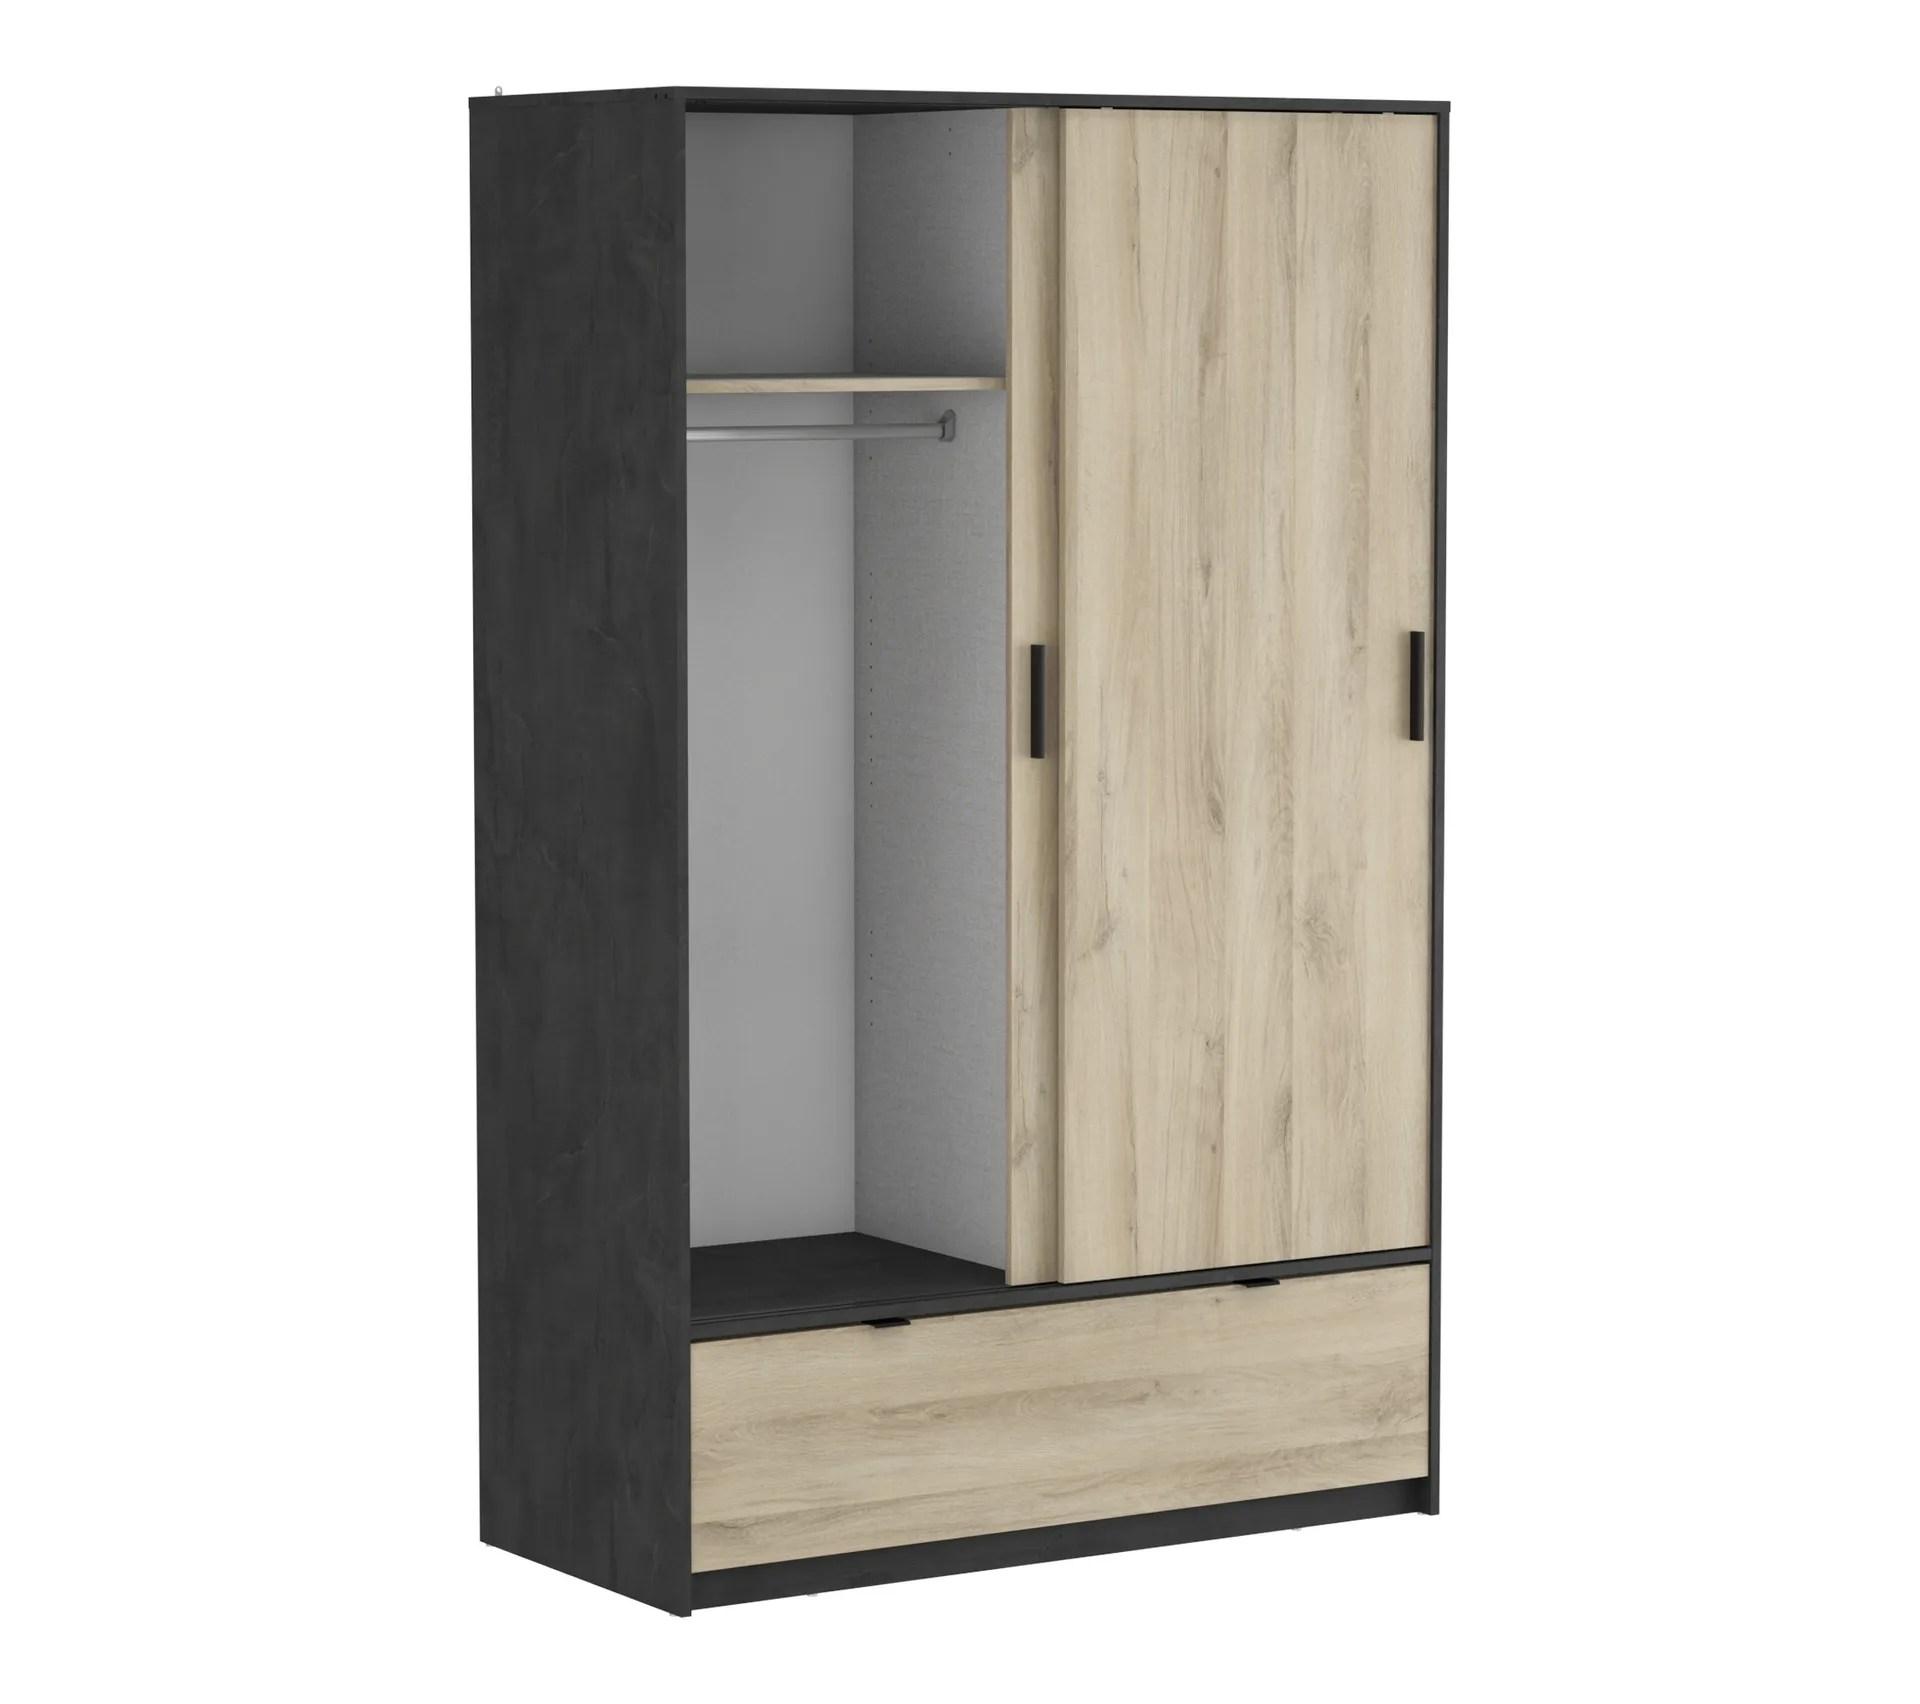 armoire 2 portes coulissantes 1 tiroir l 120 cm imitation chene et ardoise perfect